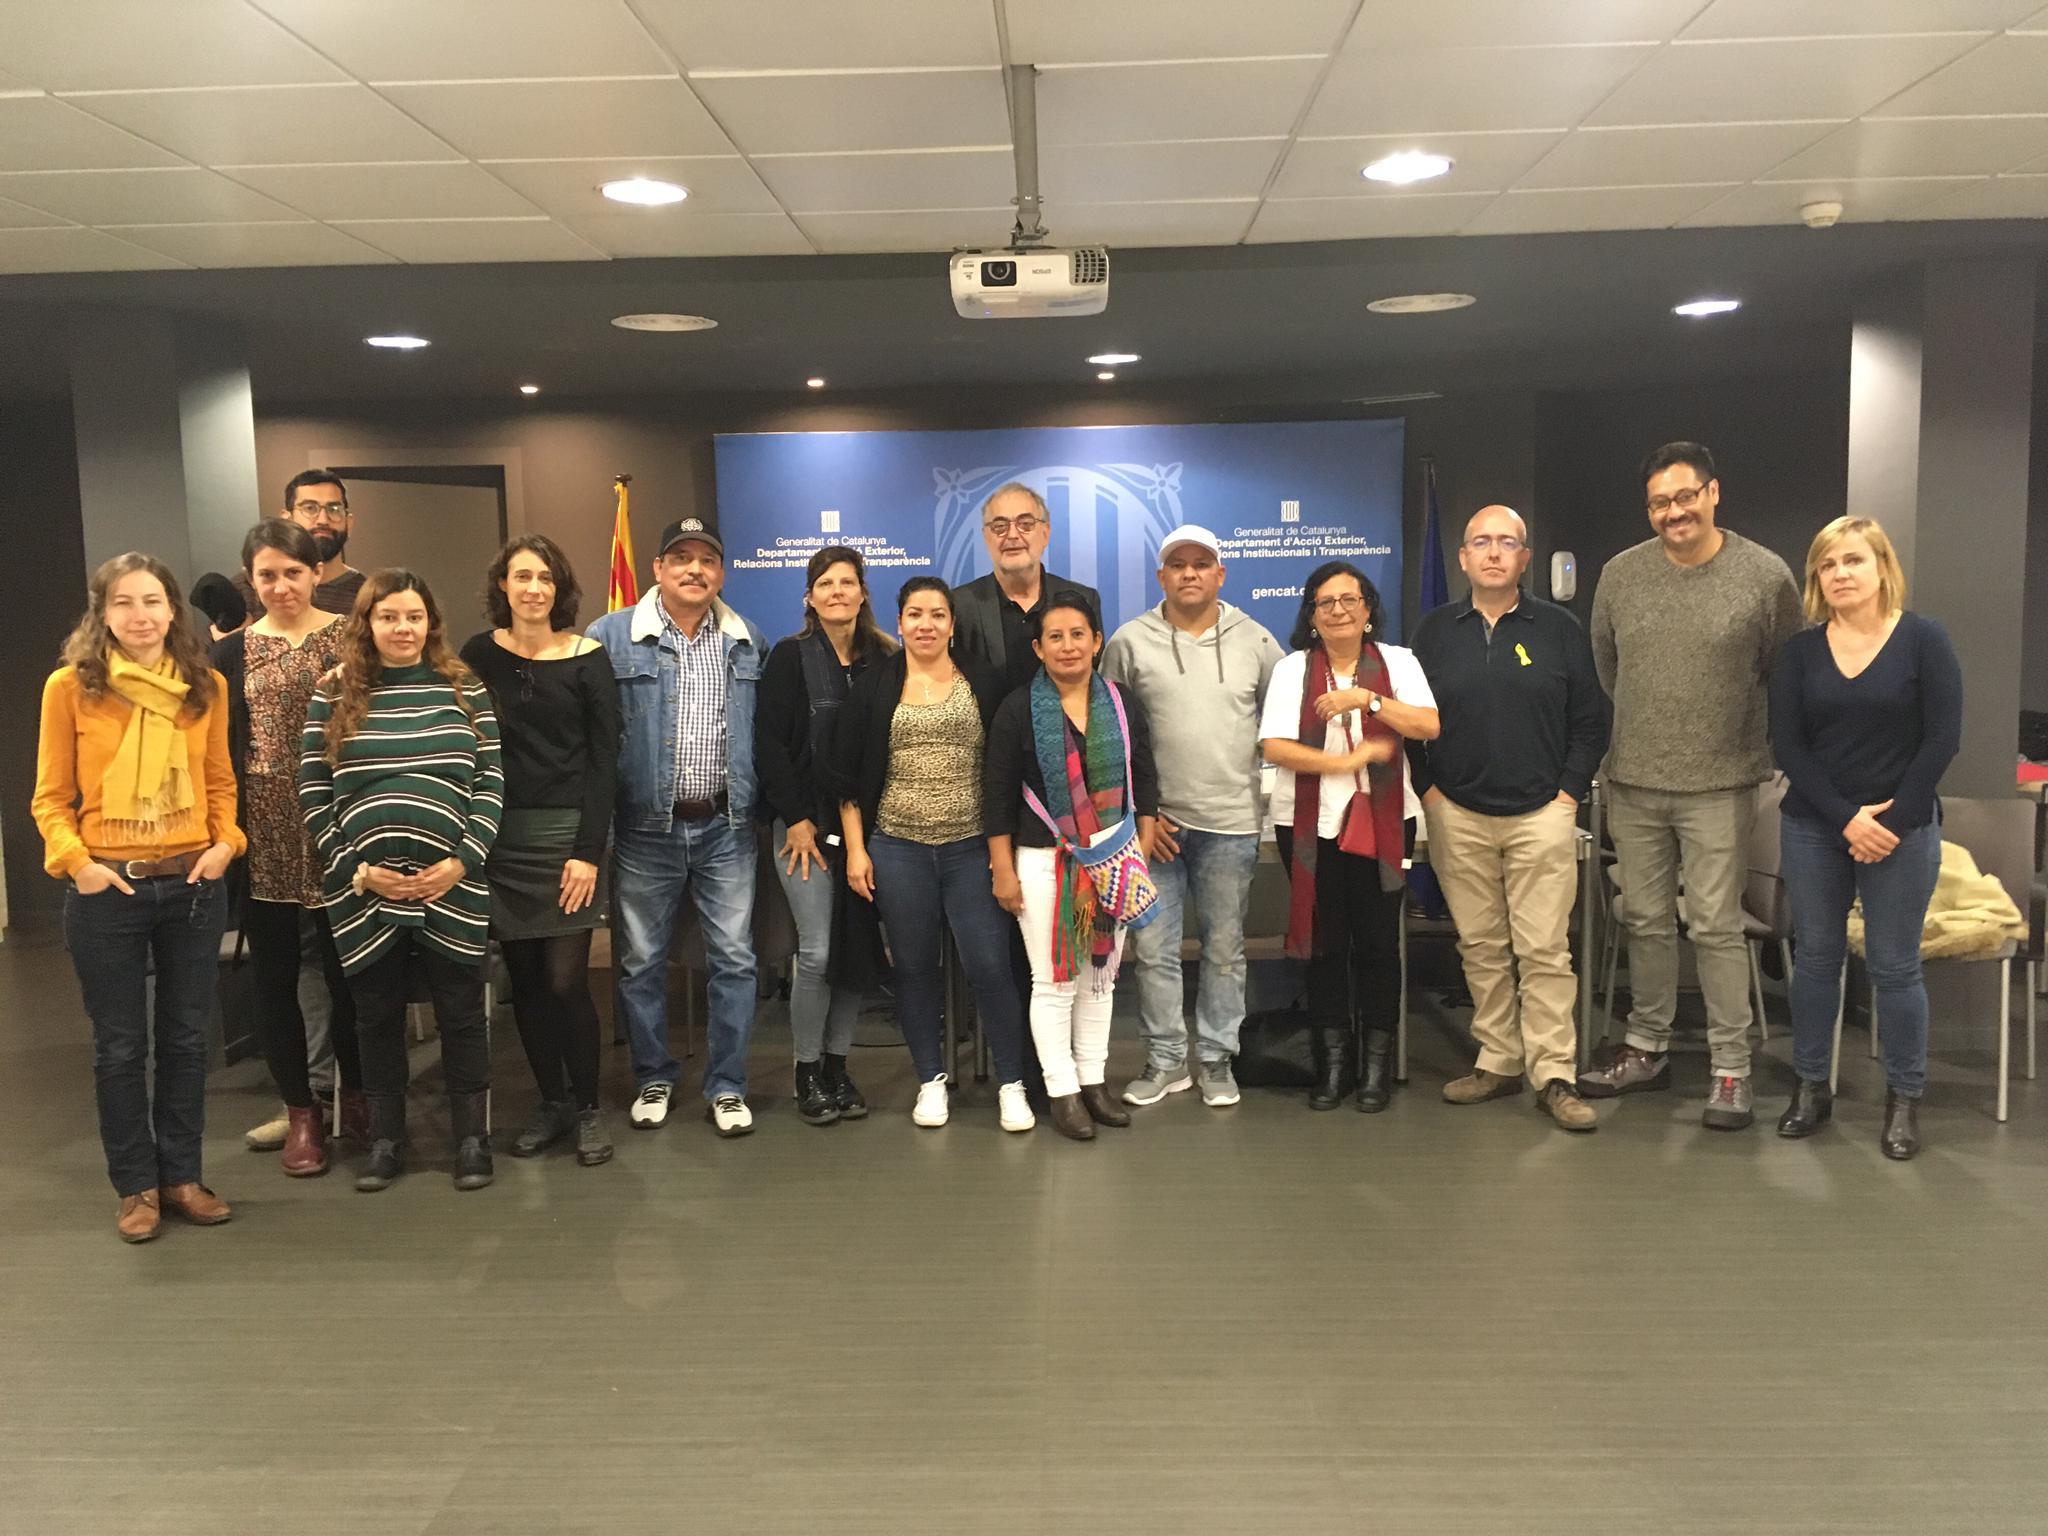 Damos La Bienvenida En El Programa Catalán De Protección A Defensores Y Defensoras De Los Derechos Humanos, Edición 2019-2020.